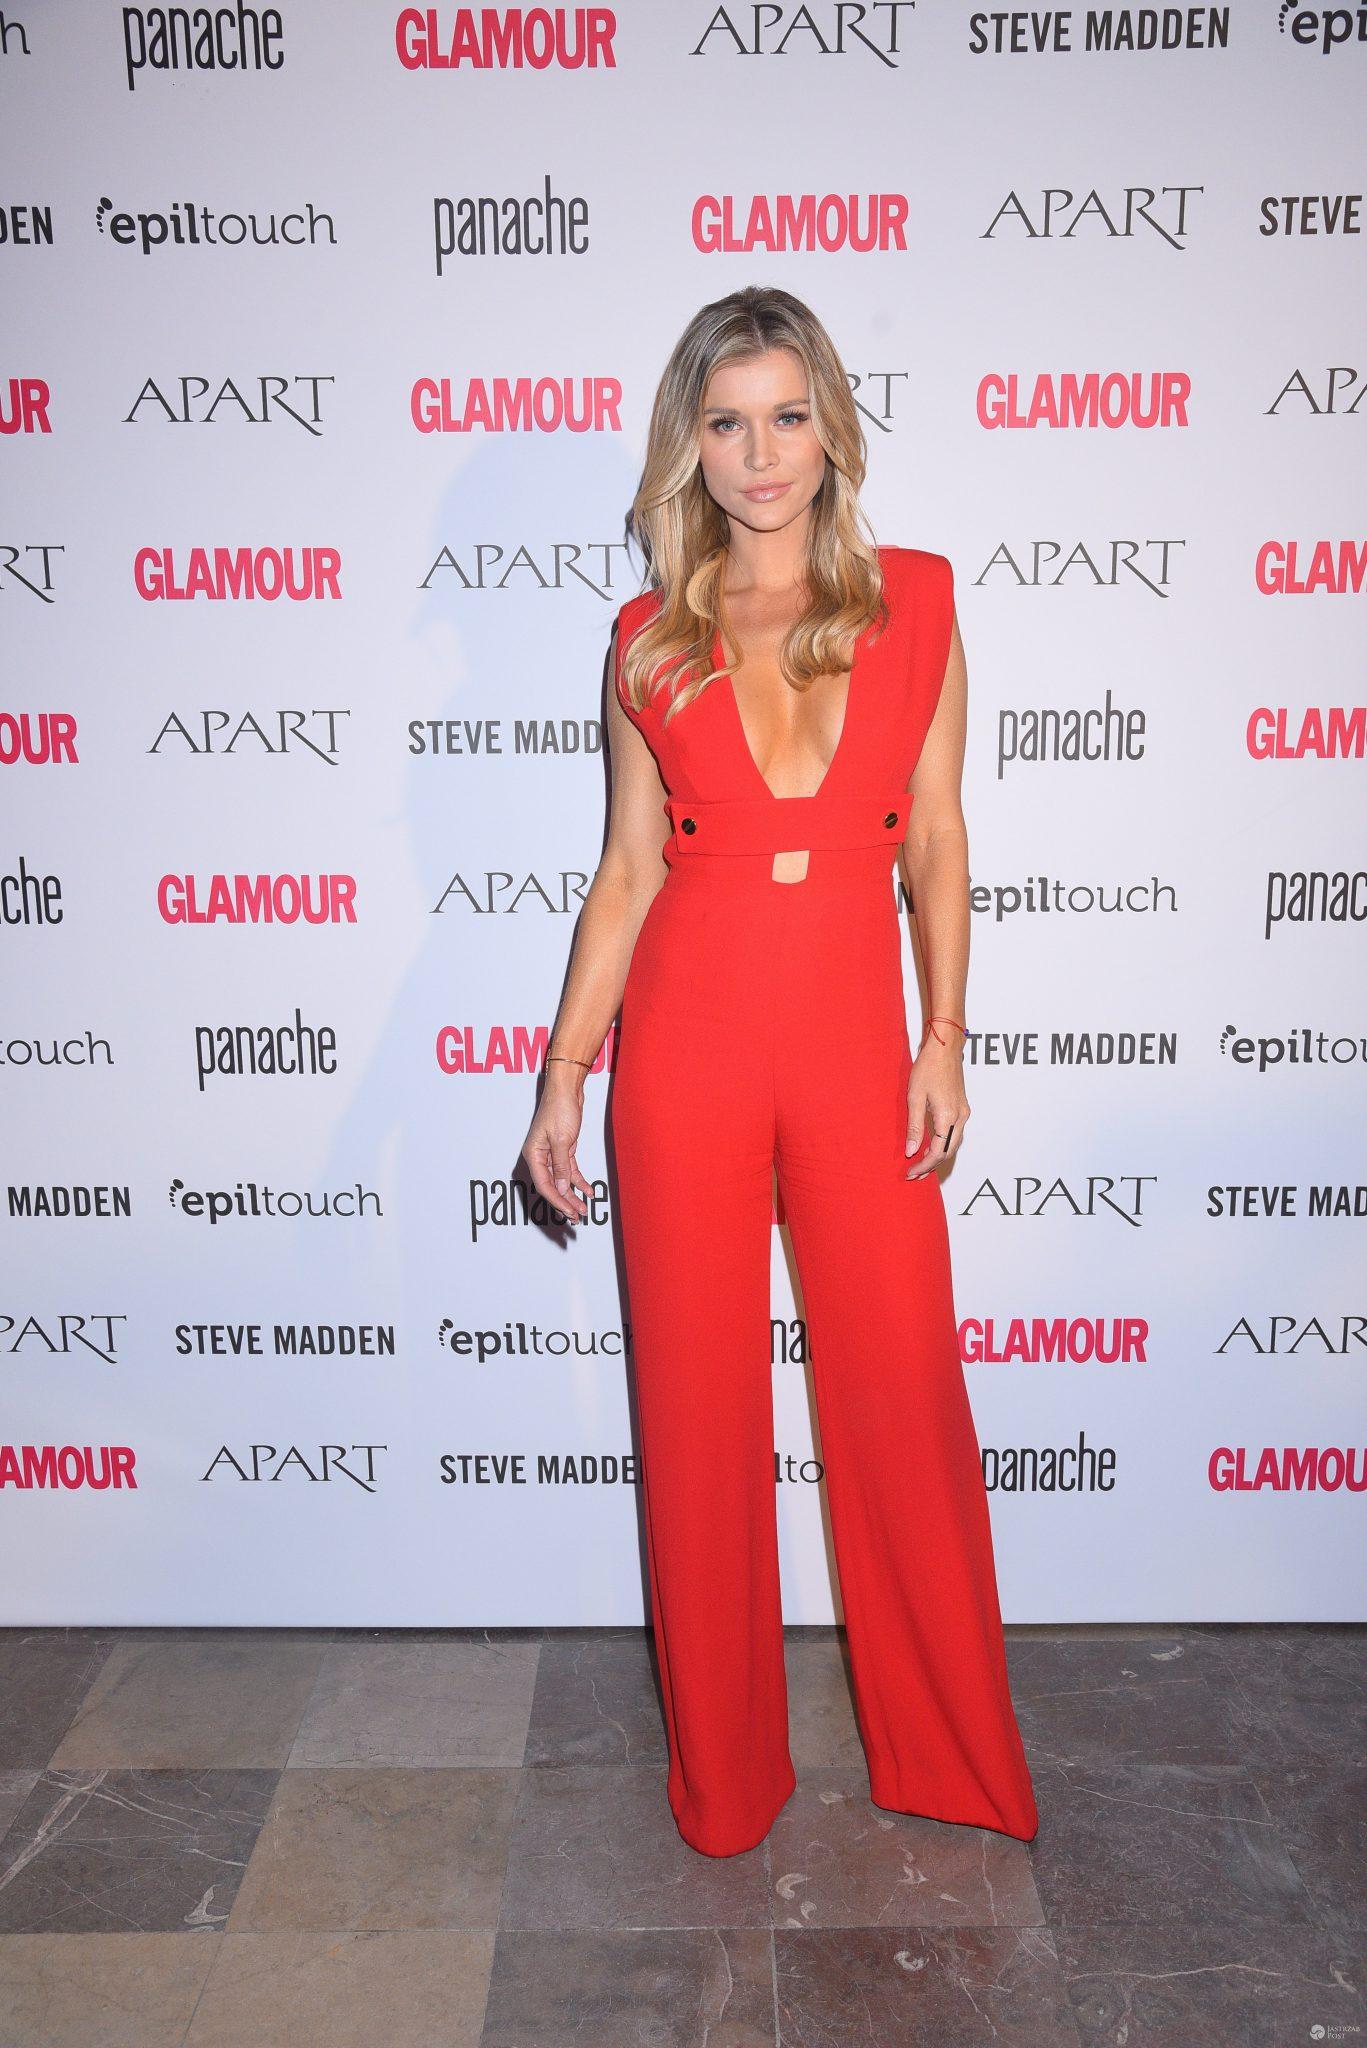 Joanna Krupa Kobieta Roku Glamour 2016